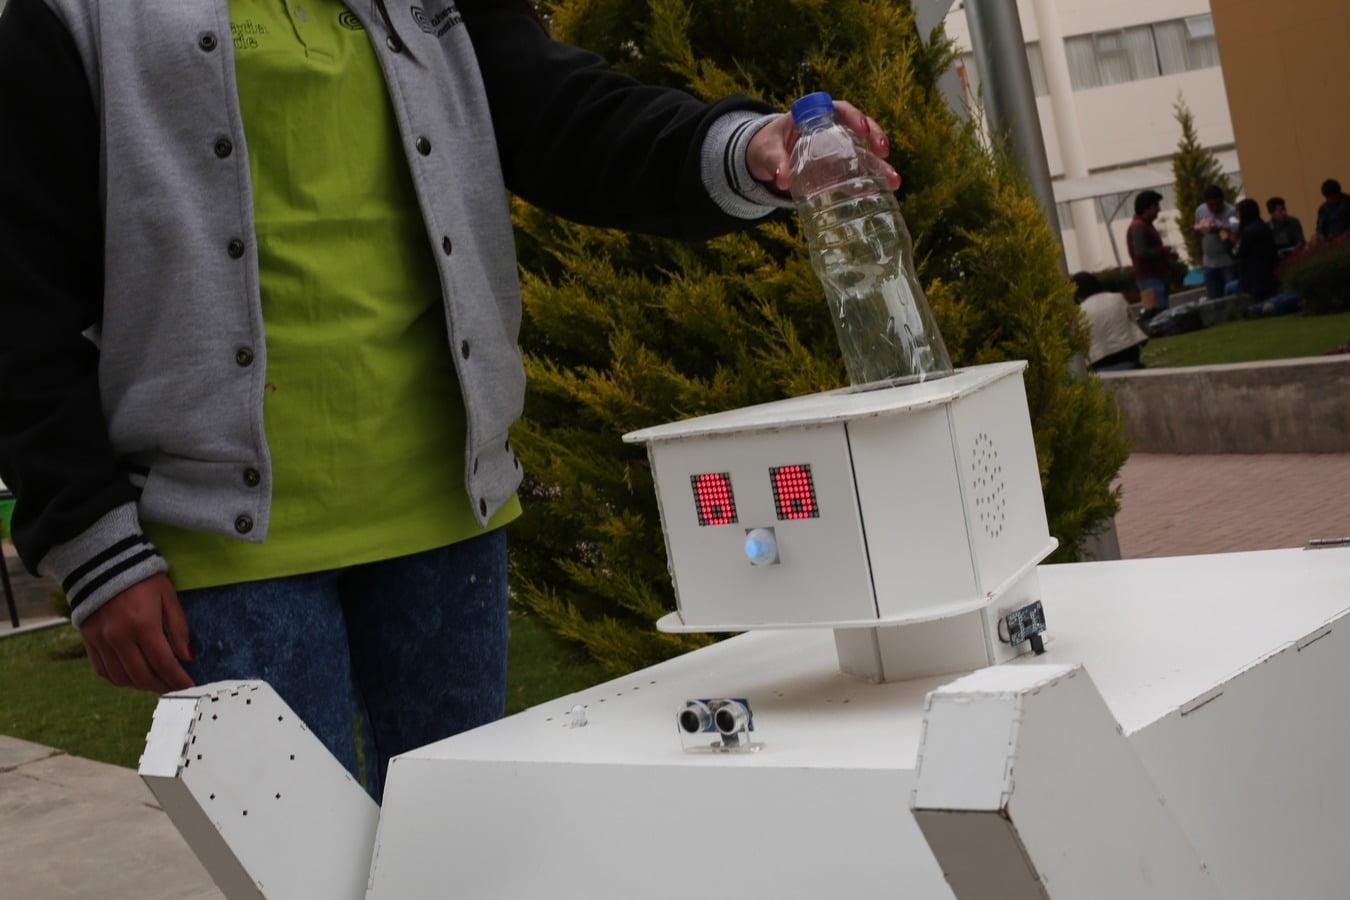 Cafma, robot ecológico que busca reducir la contaminación ambiental por botellas de plástico